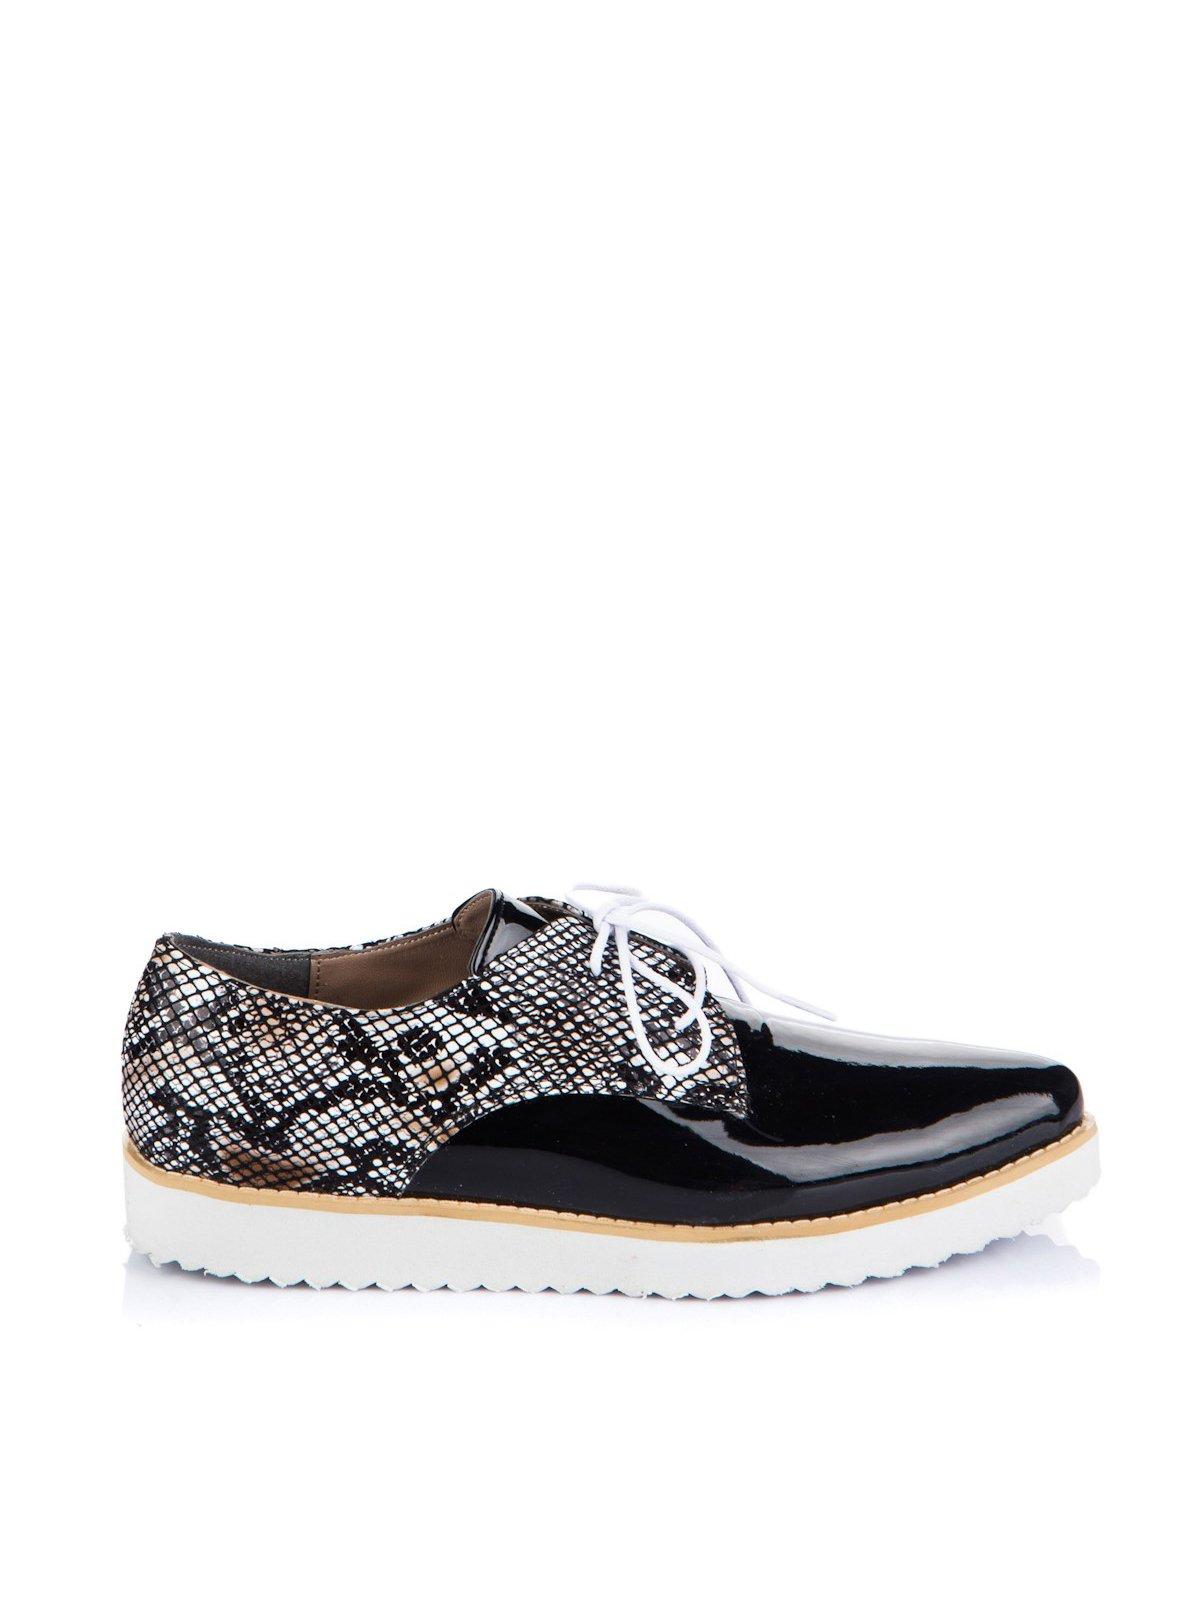 Туфли черные с анималистическим принтом | 1624860